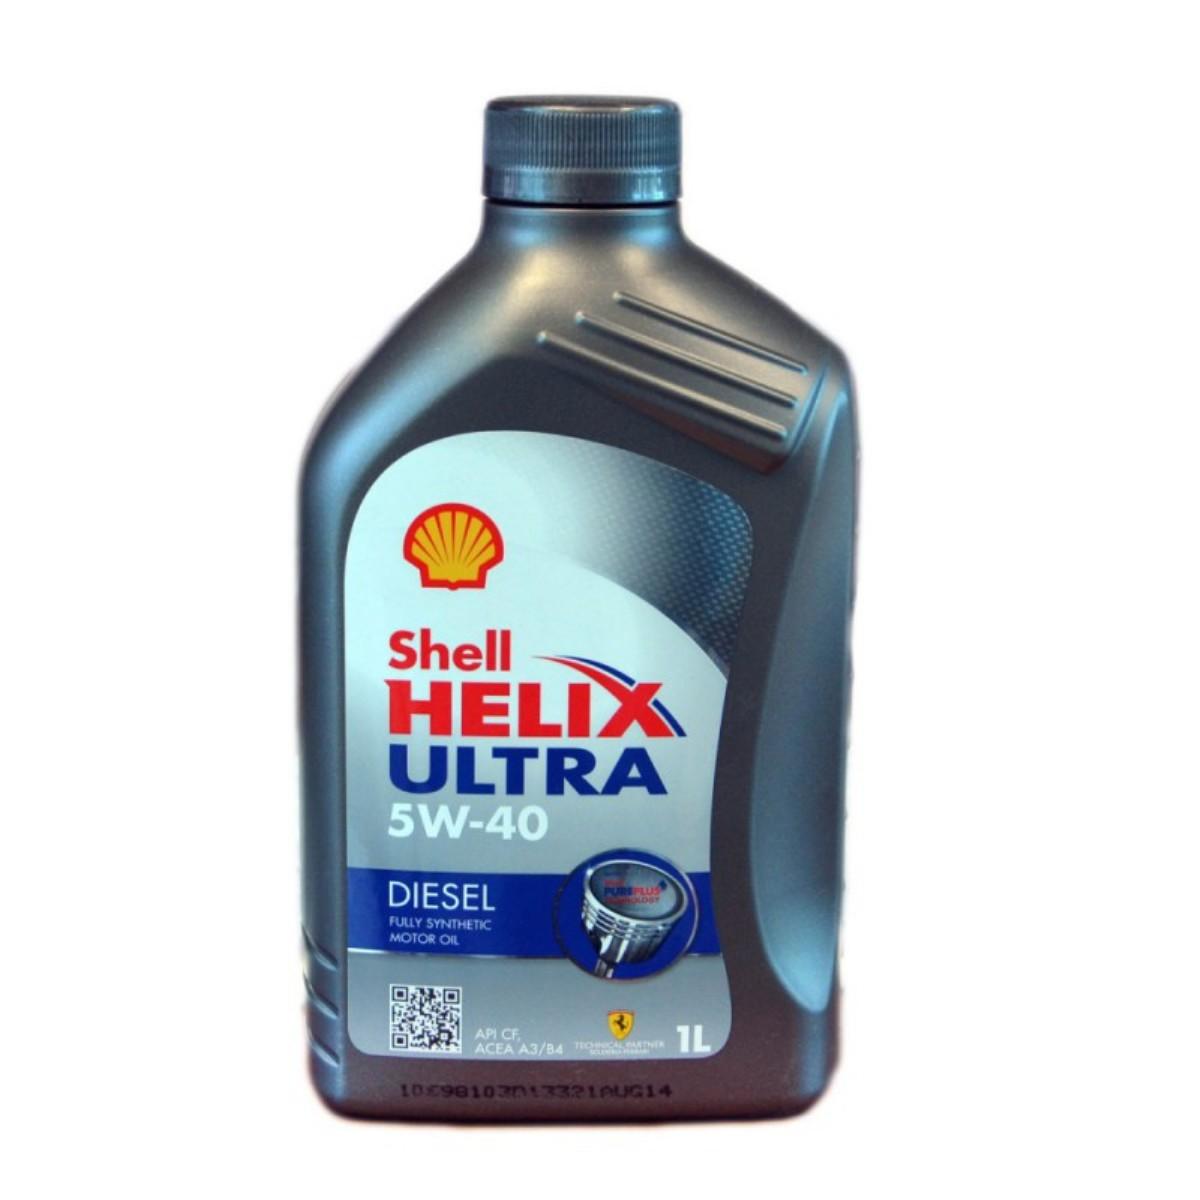 Моторное масло Shell Helix Ultra Diesel 5w40 CF, синтетика, 1 л2706 (ПО)Полностью синтетическое моторное масло для современных дизельных двигателей, созданное на основе уникальной технологии Shell PurePlus. Разработано для двигателей с турбонаддувом, с промежуточным охлаждением, с прямым впрыском топлива.Допуски и одобрения BMW LL-01, [Fiat 9.55535-Z2], MB-Approval 226.5, MB-Approval 229.5, Renault RN0710, VW 505.00